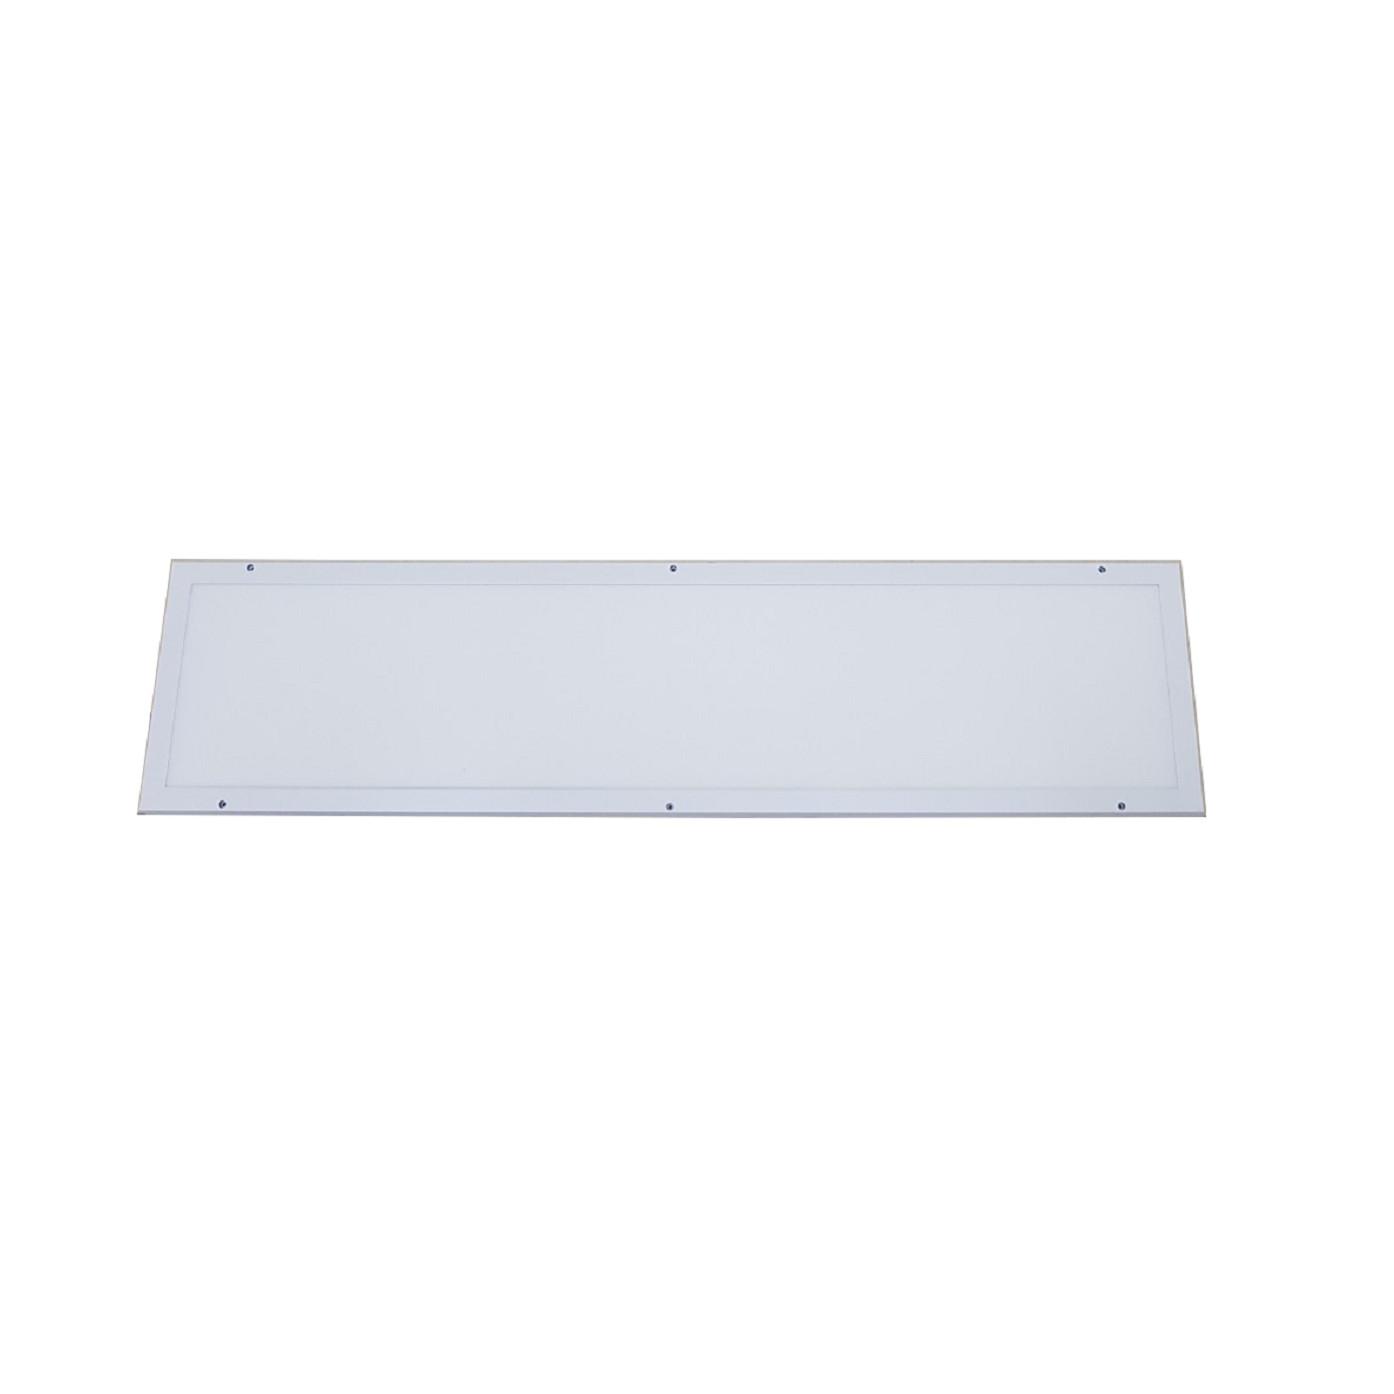 Đèn led panel phòng sạch 300*1200mm